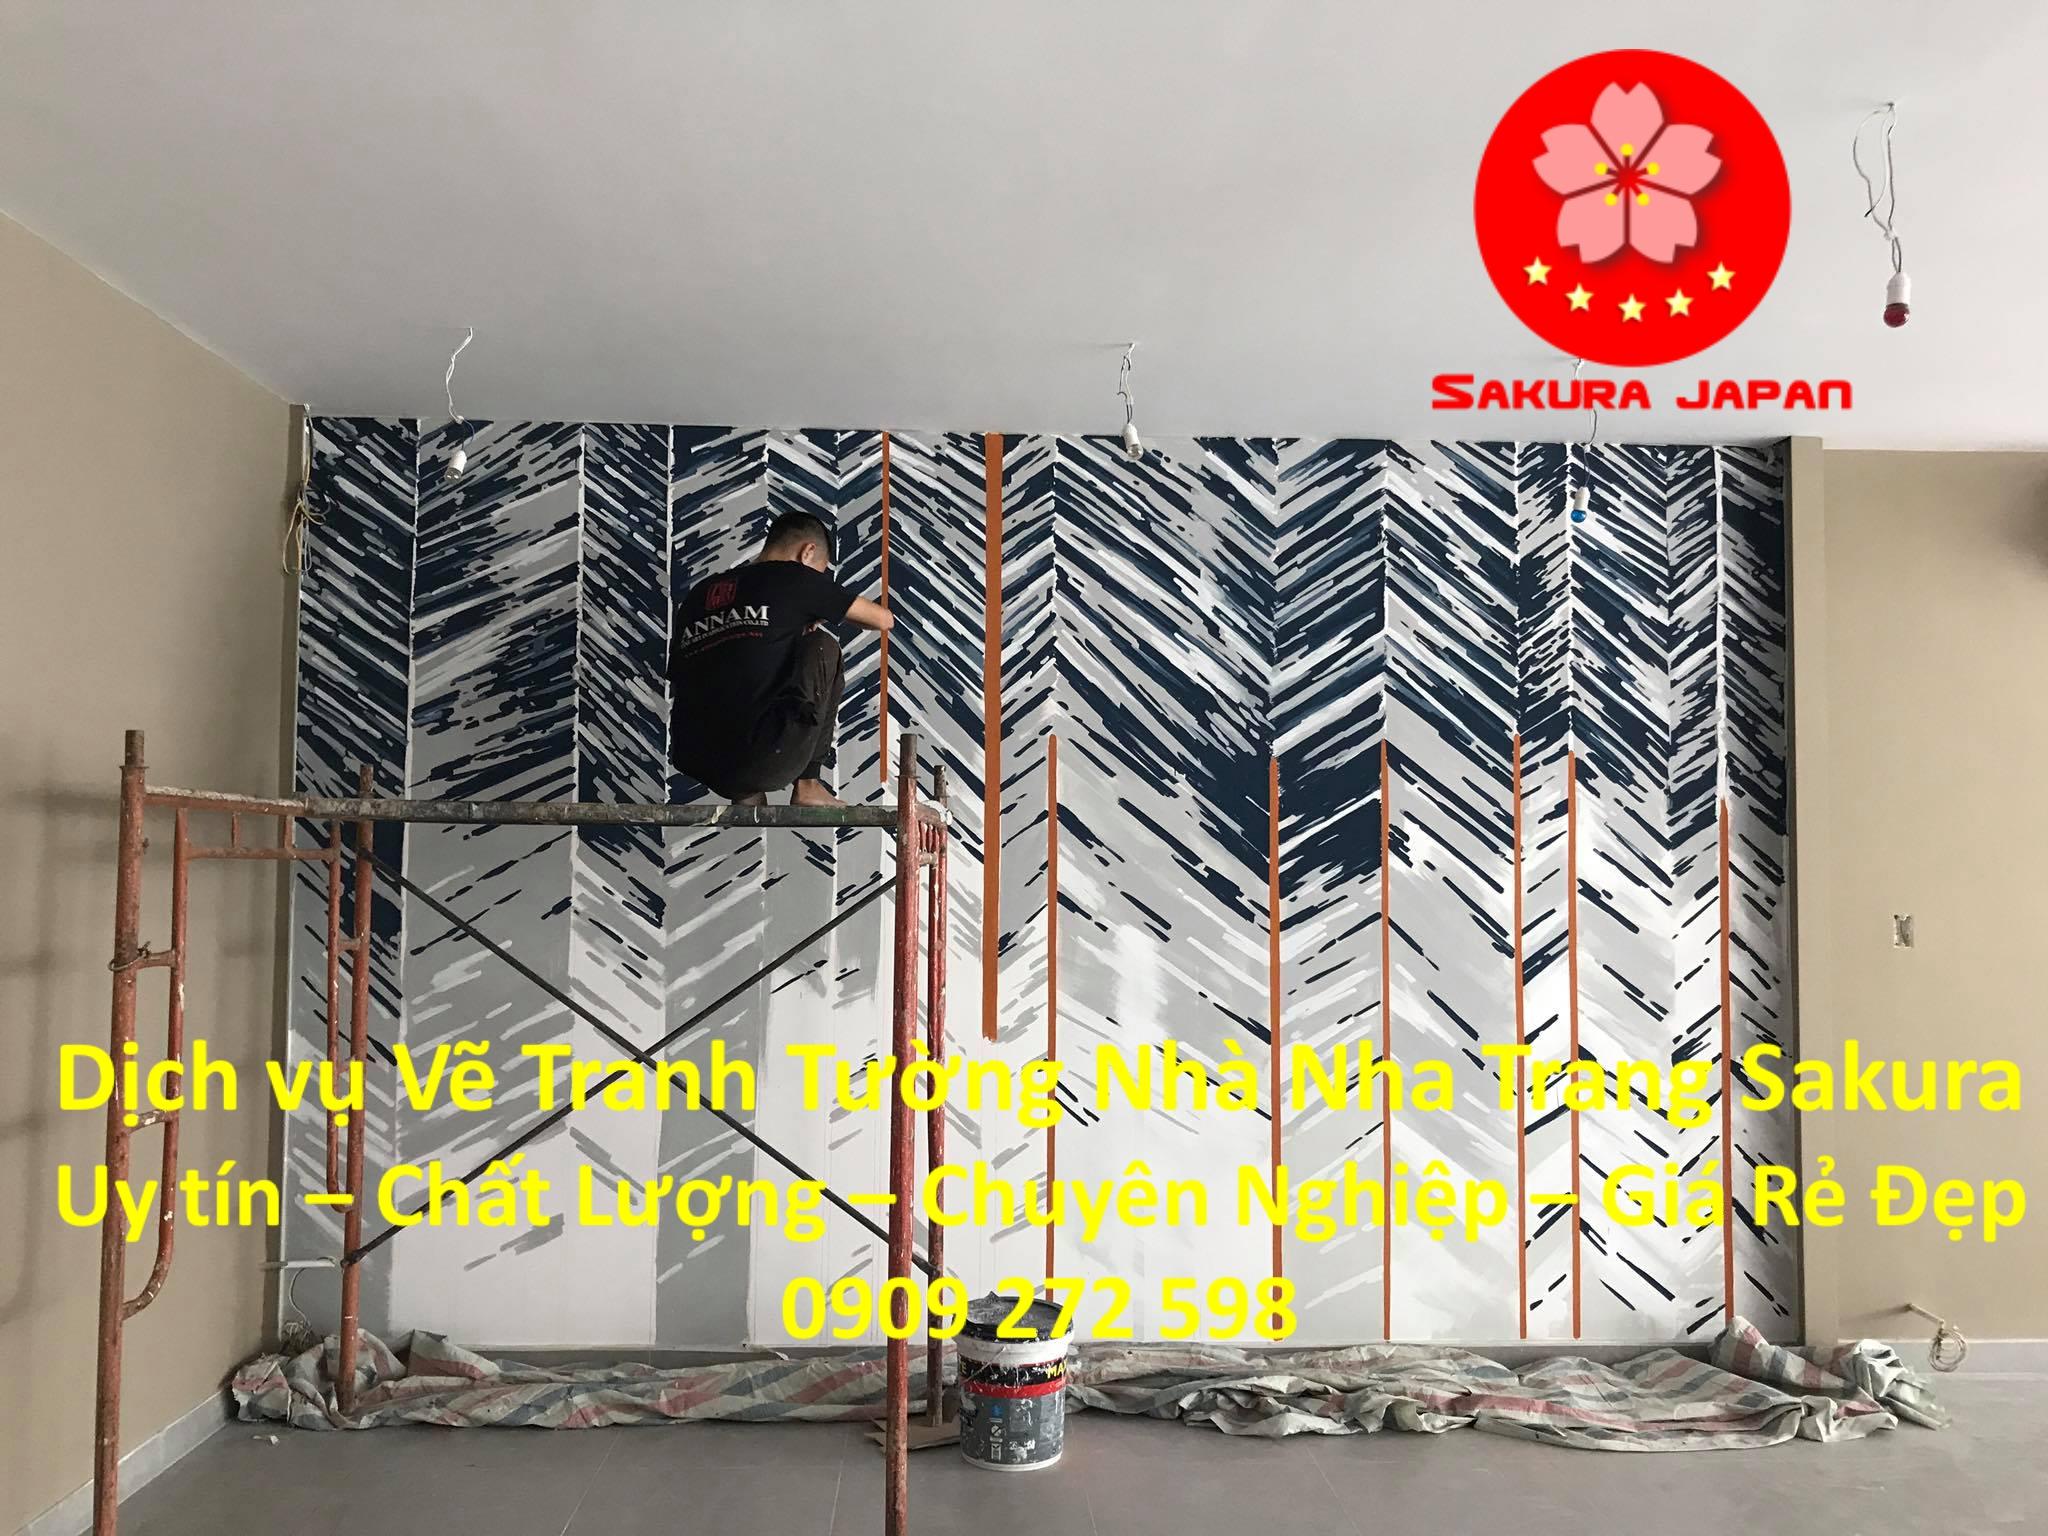 Dịch vụ Vẽ Tranh Tường Nhà ở tại Nha Trang Nghệ Thuật chuyên nghiệp Rẻ Đẹp Nhất 4